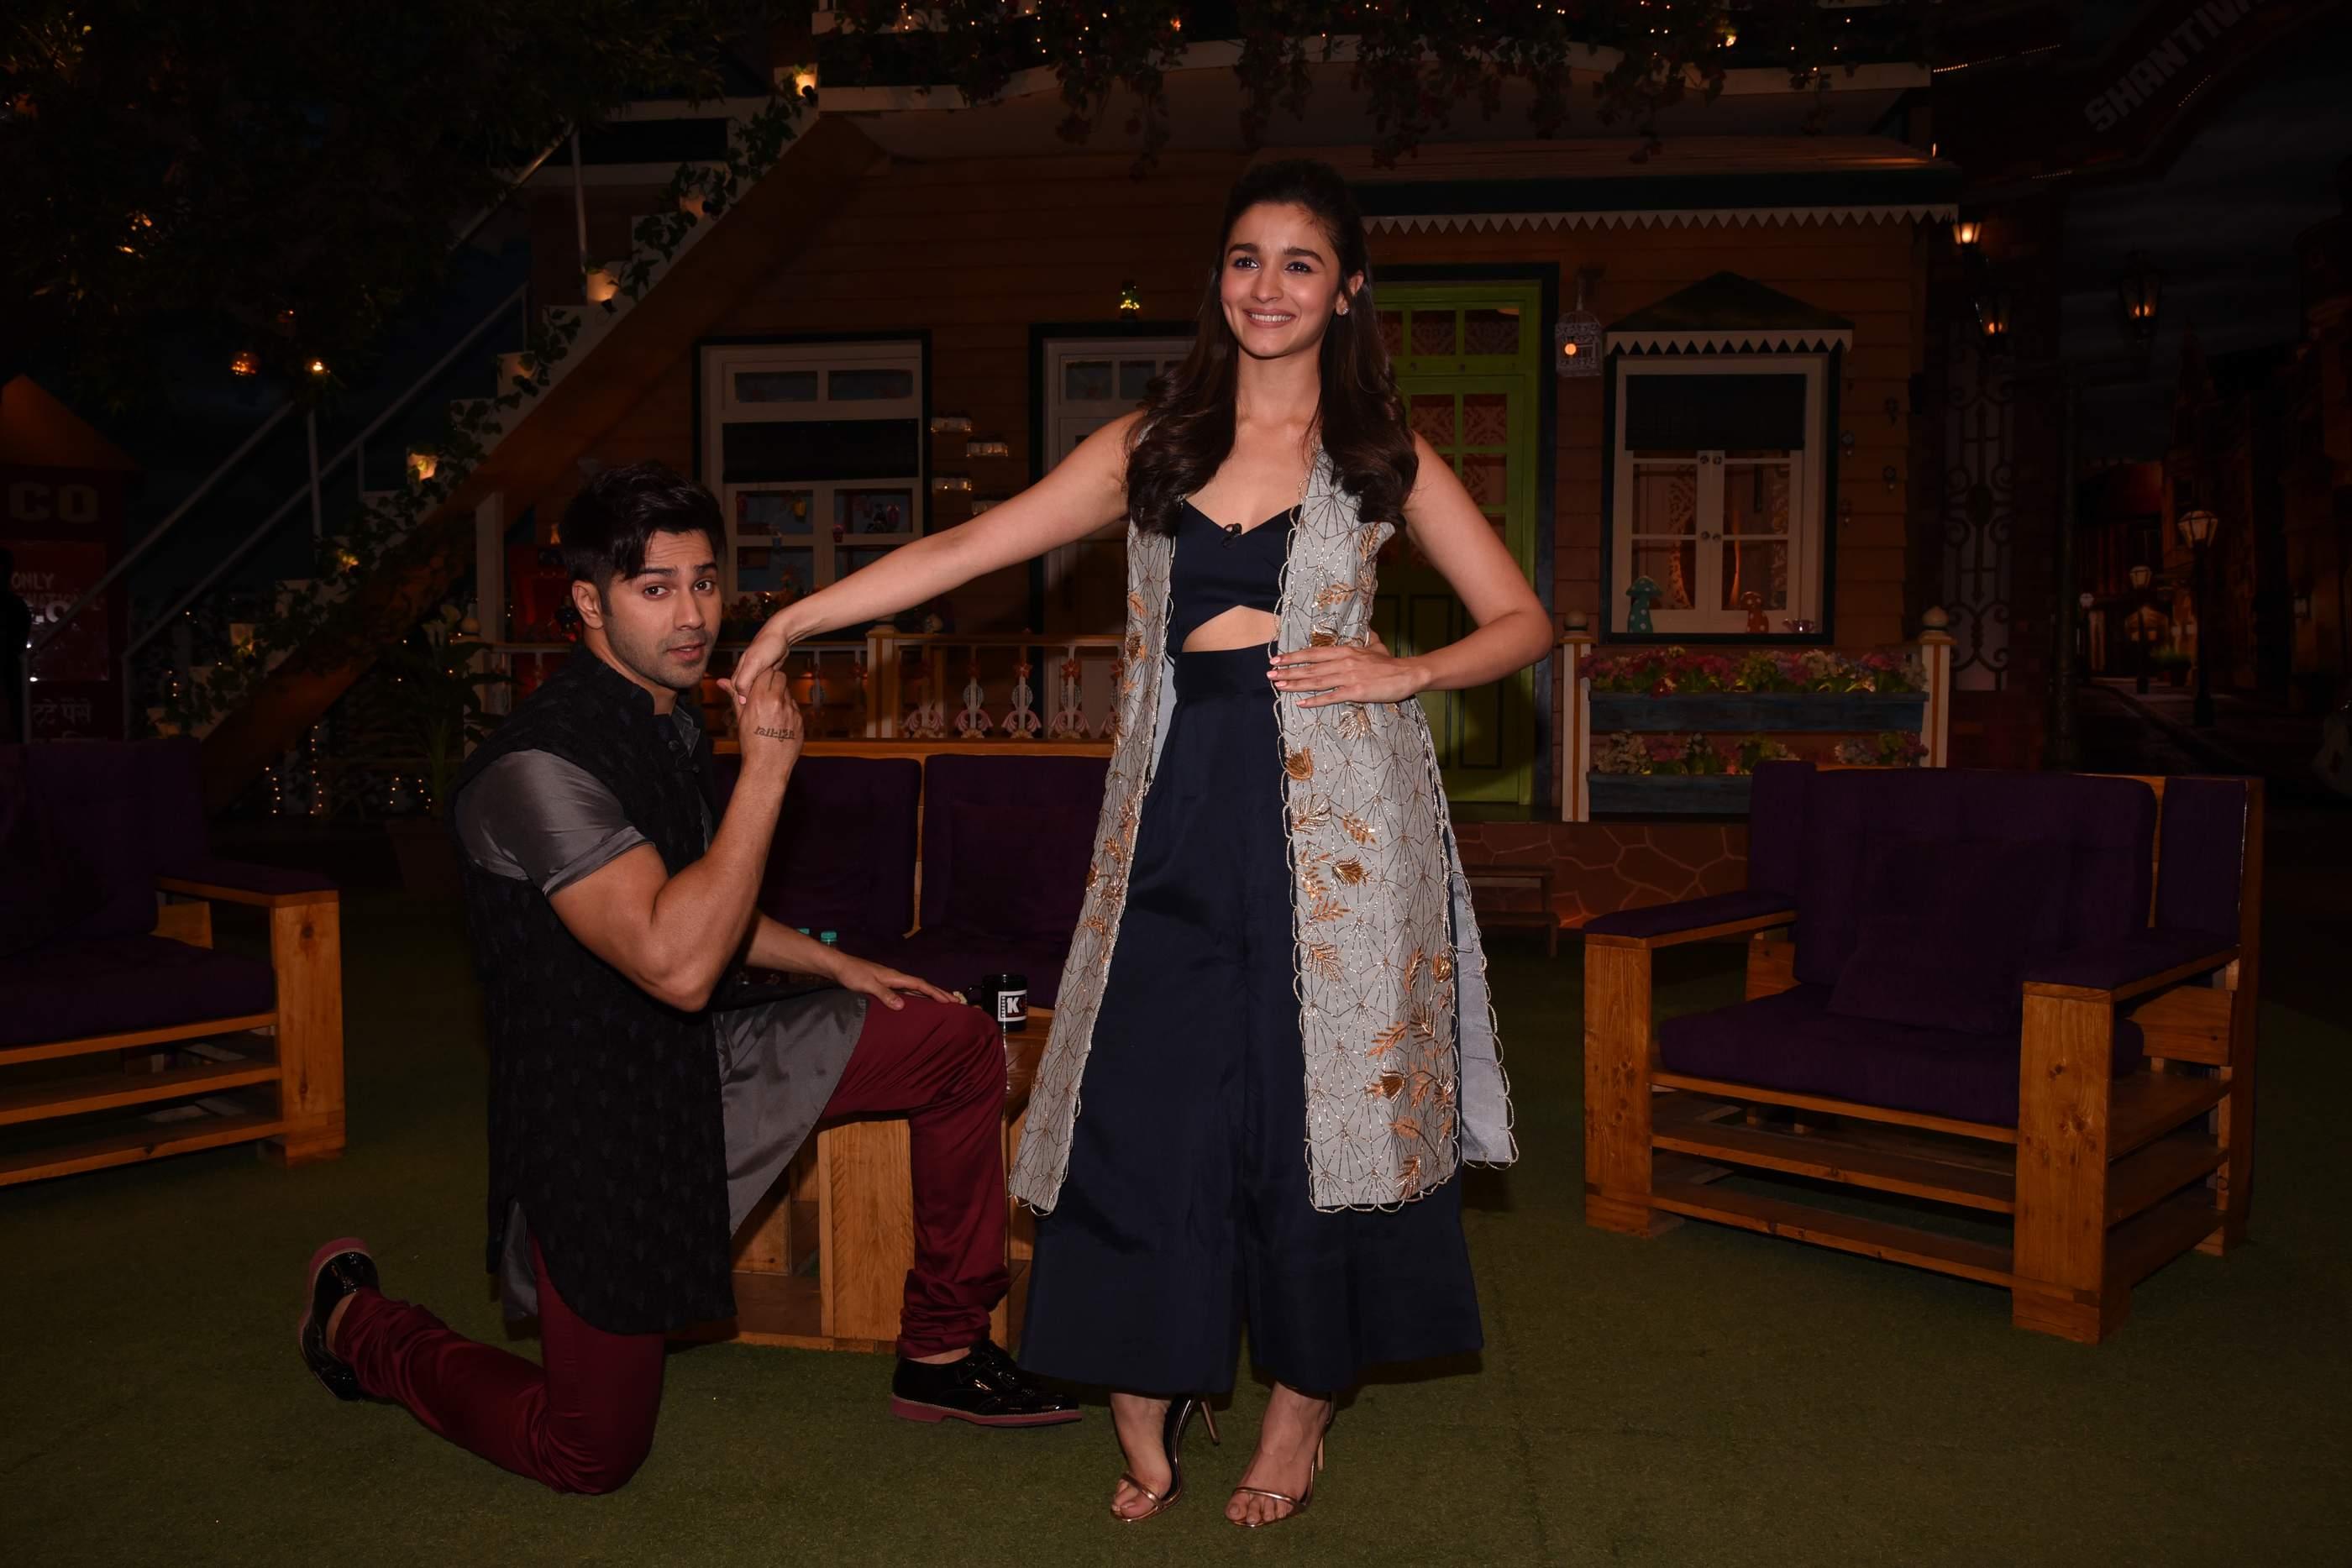 Super Cute Pics Of Alia Bhatt | Badrinath Ki Dulhania Super Cute Pics Of Alia Bhatt | Badrinath Ki Dulhania Alia Varun at Kapil Sharma Sets 100